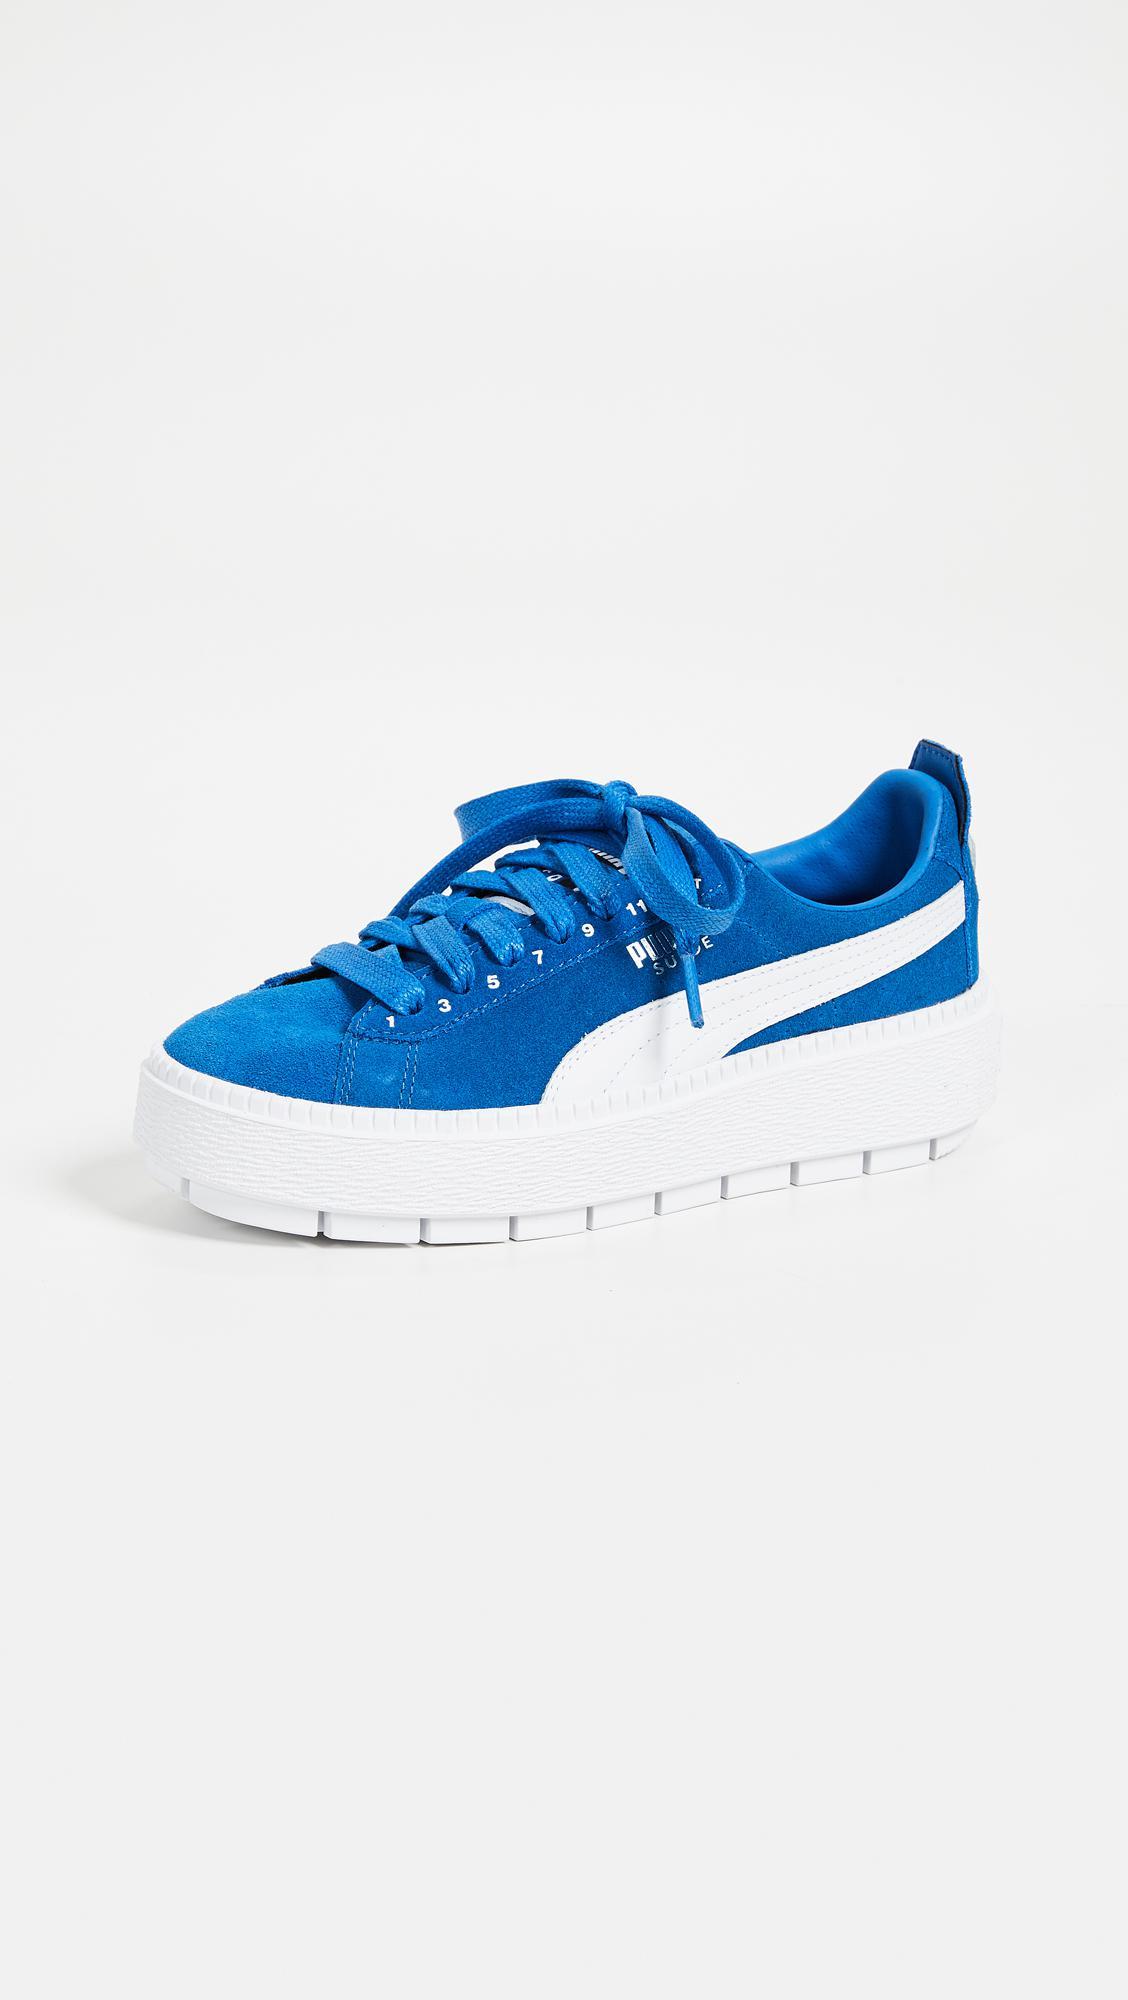 af2c85444799 Lyst - PUMA X Ader Error Platform Sneakers in Blue